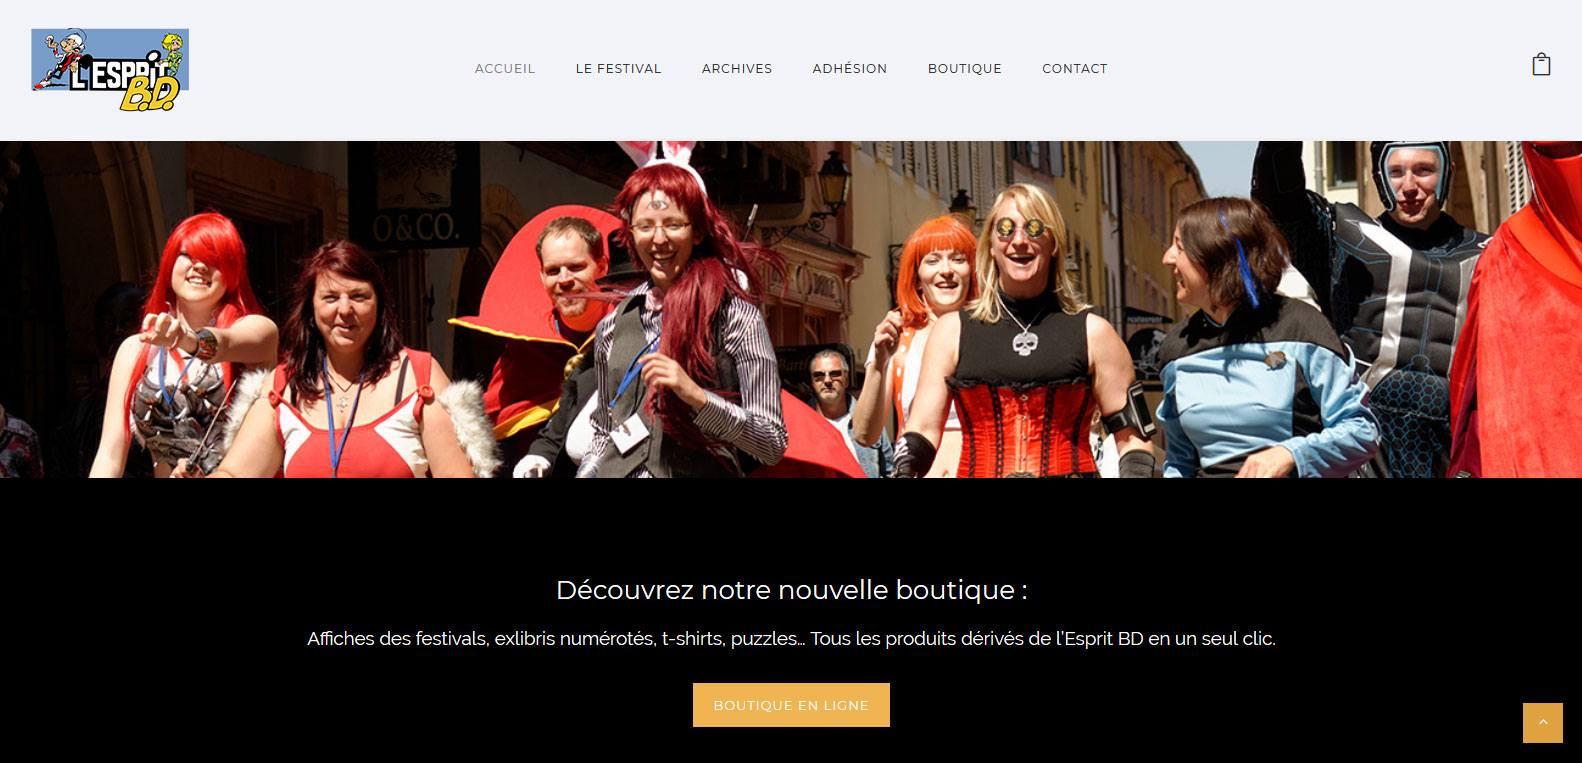 Boutique en ligne d'esprit bd, client Karedess agency, agence web sur Mulhouse